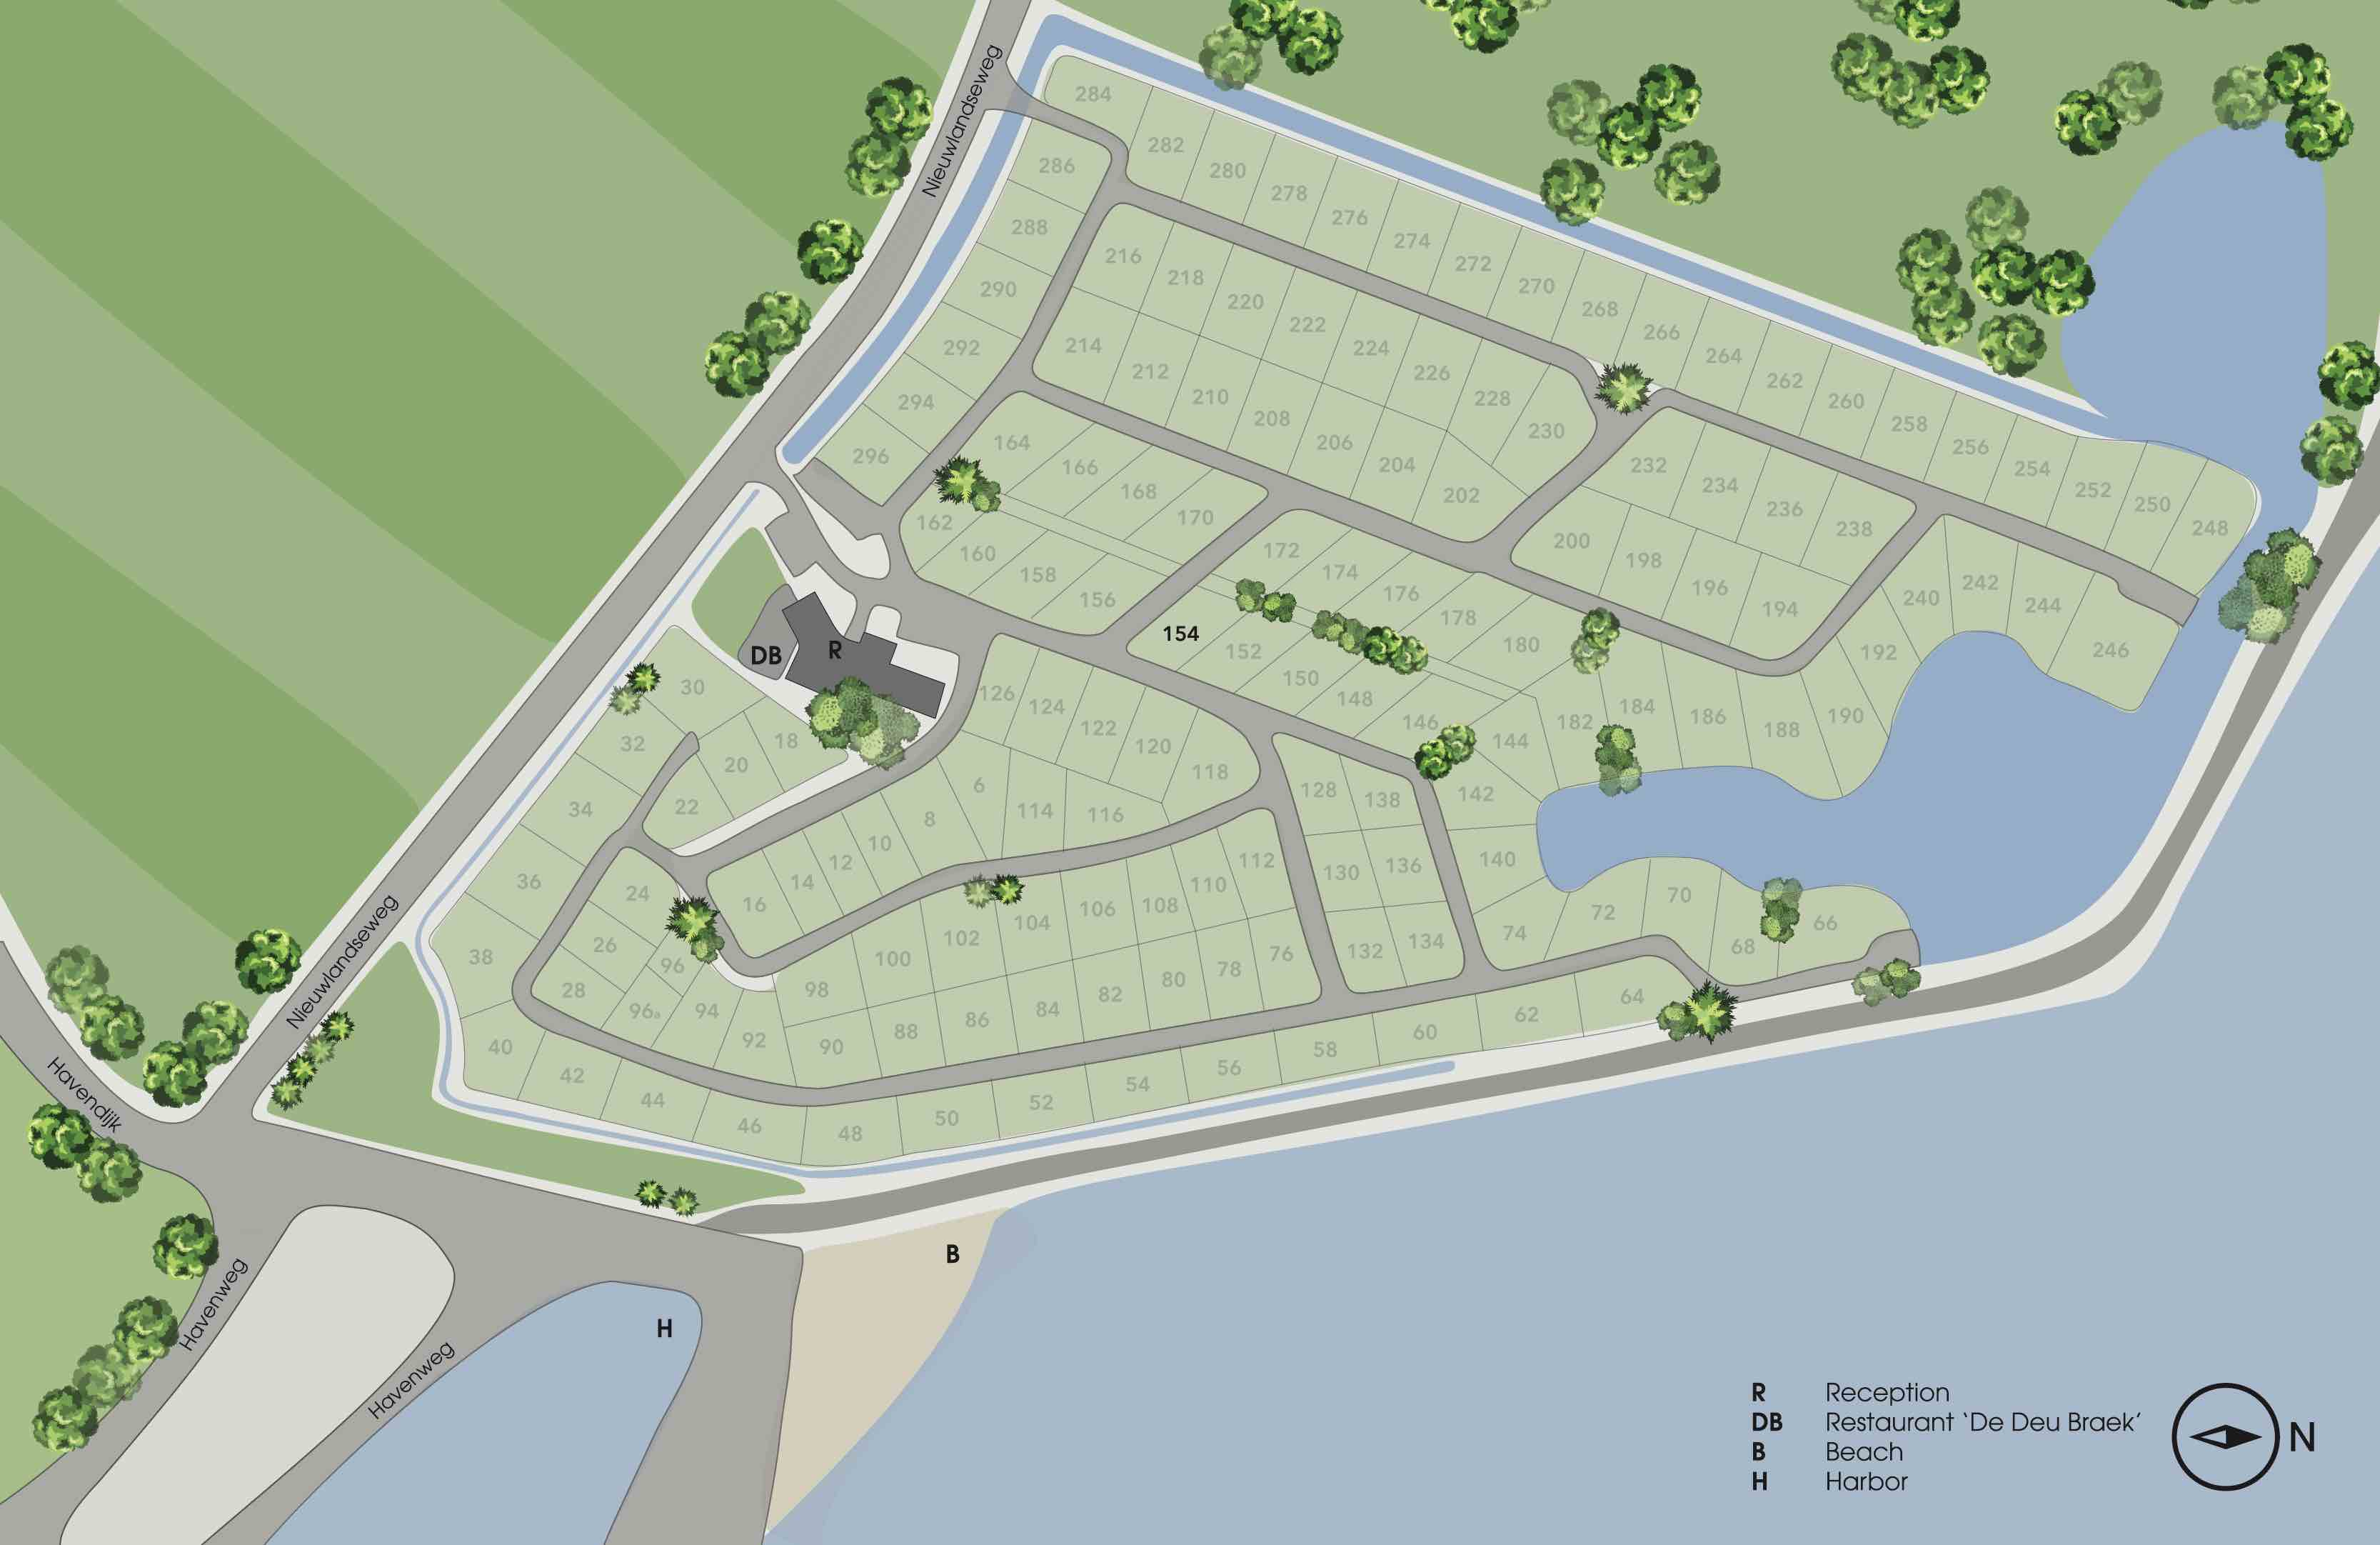 Zeeland Map - V2 - Huis 154